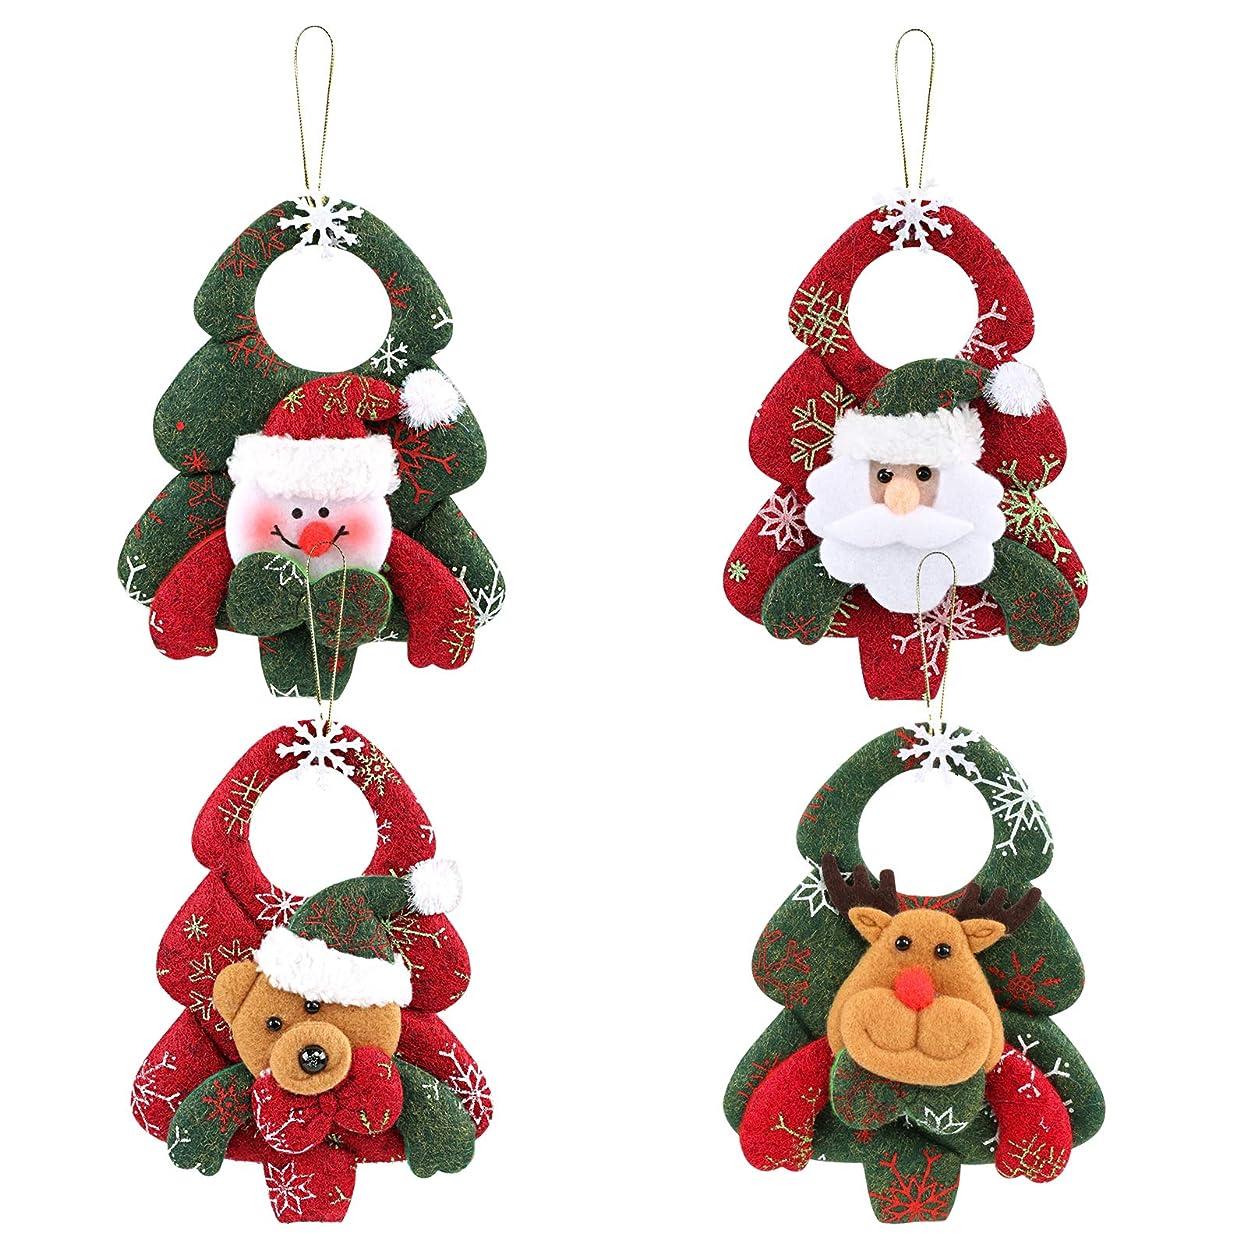 キャンパス一月連帯Kesote クリスマス飾り クリスマスツリー飾り 壁掛け 玄関掛け 装飾 ストラップ 置物 4個入り 約17cmx12cm 熊 サンタクロース 雪だるま トナタ パーディー プレゼント